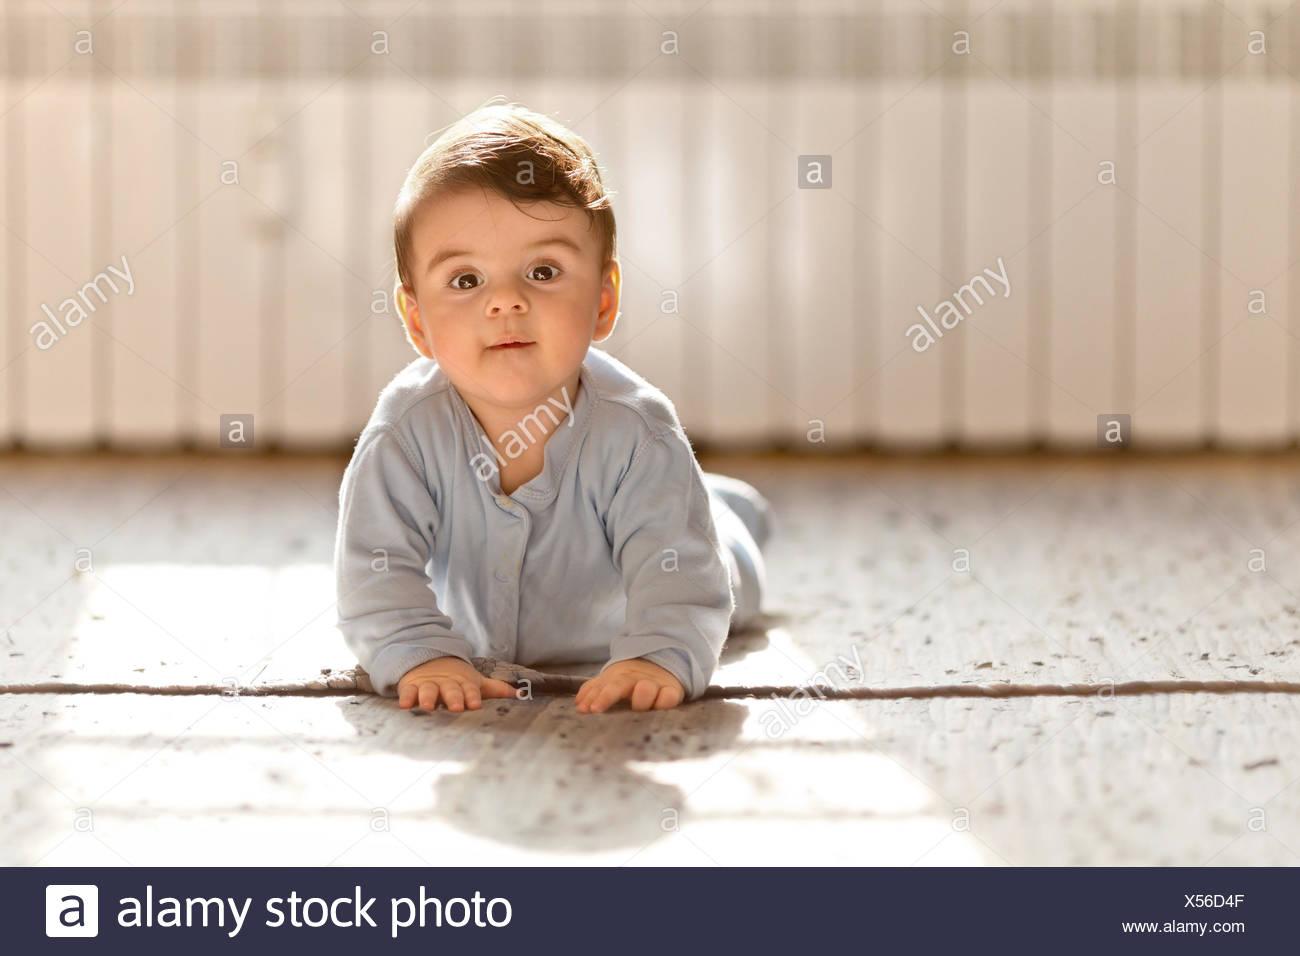 Baby boy looking at camera - Stock Image